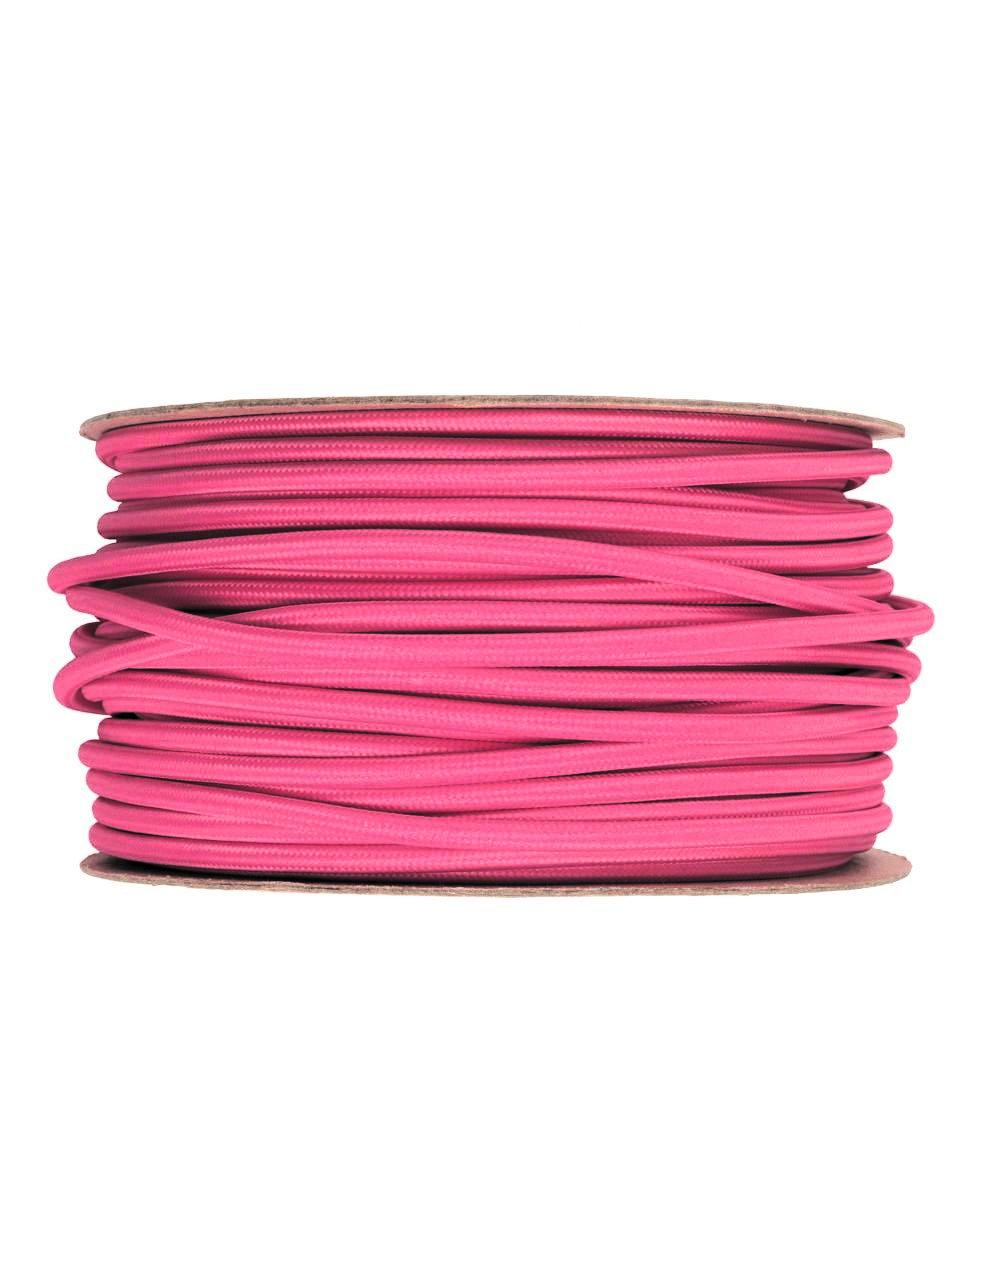 Kábel dvojžilový v podobe textilnej šnúry v tmavo ružovej farbe, 2 x 0.75mm, 1 meter (1)